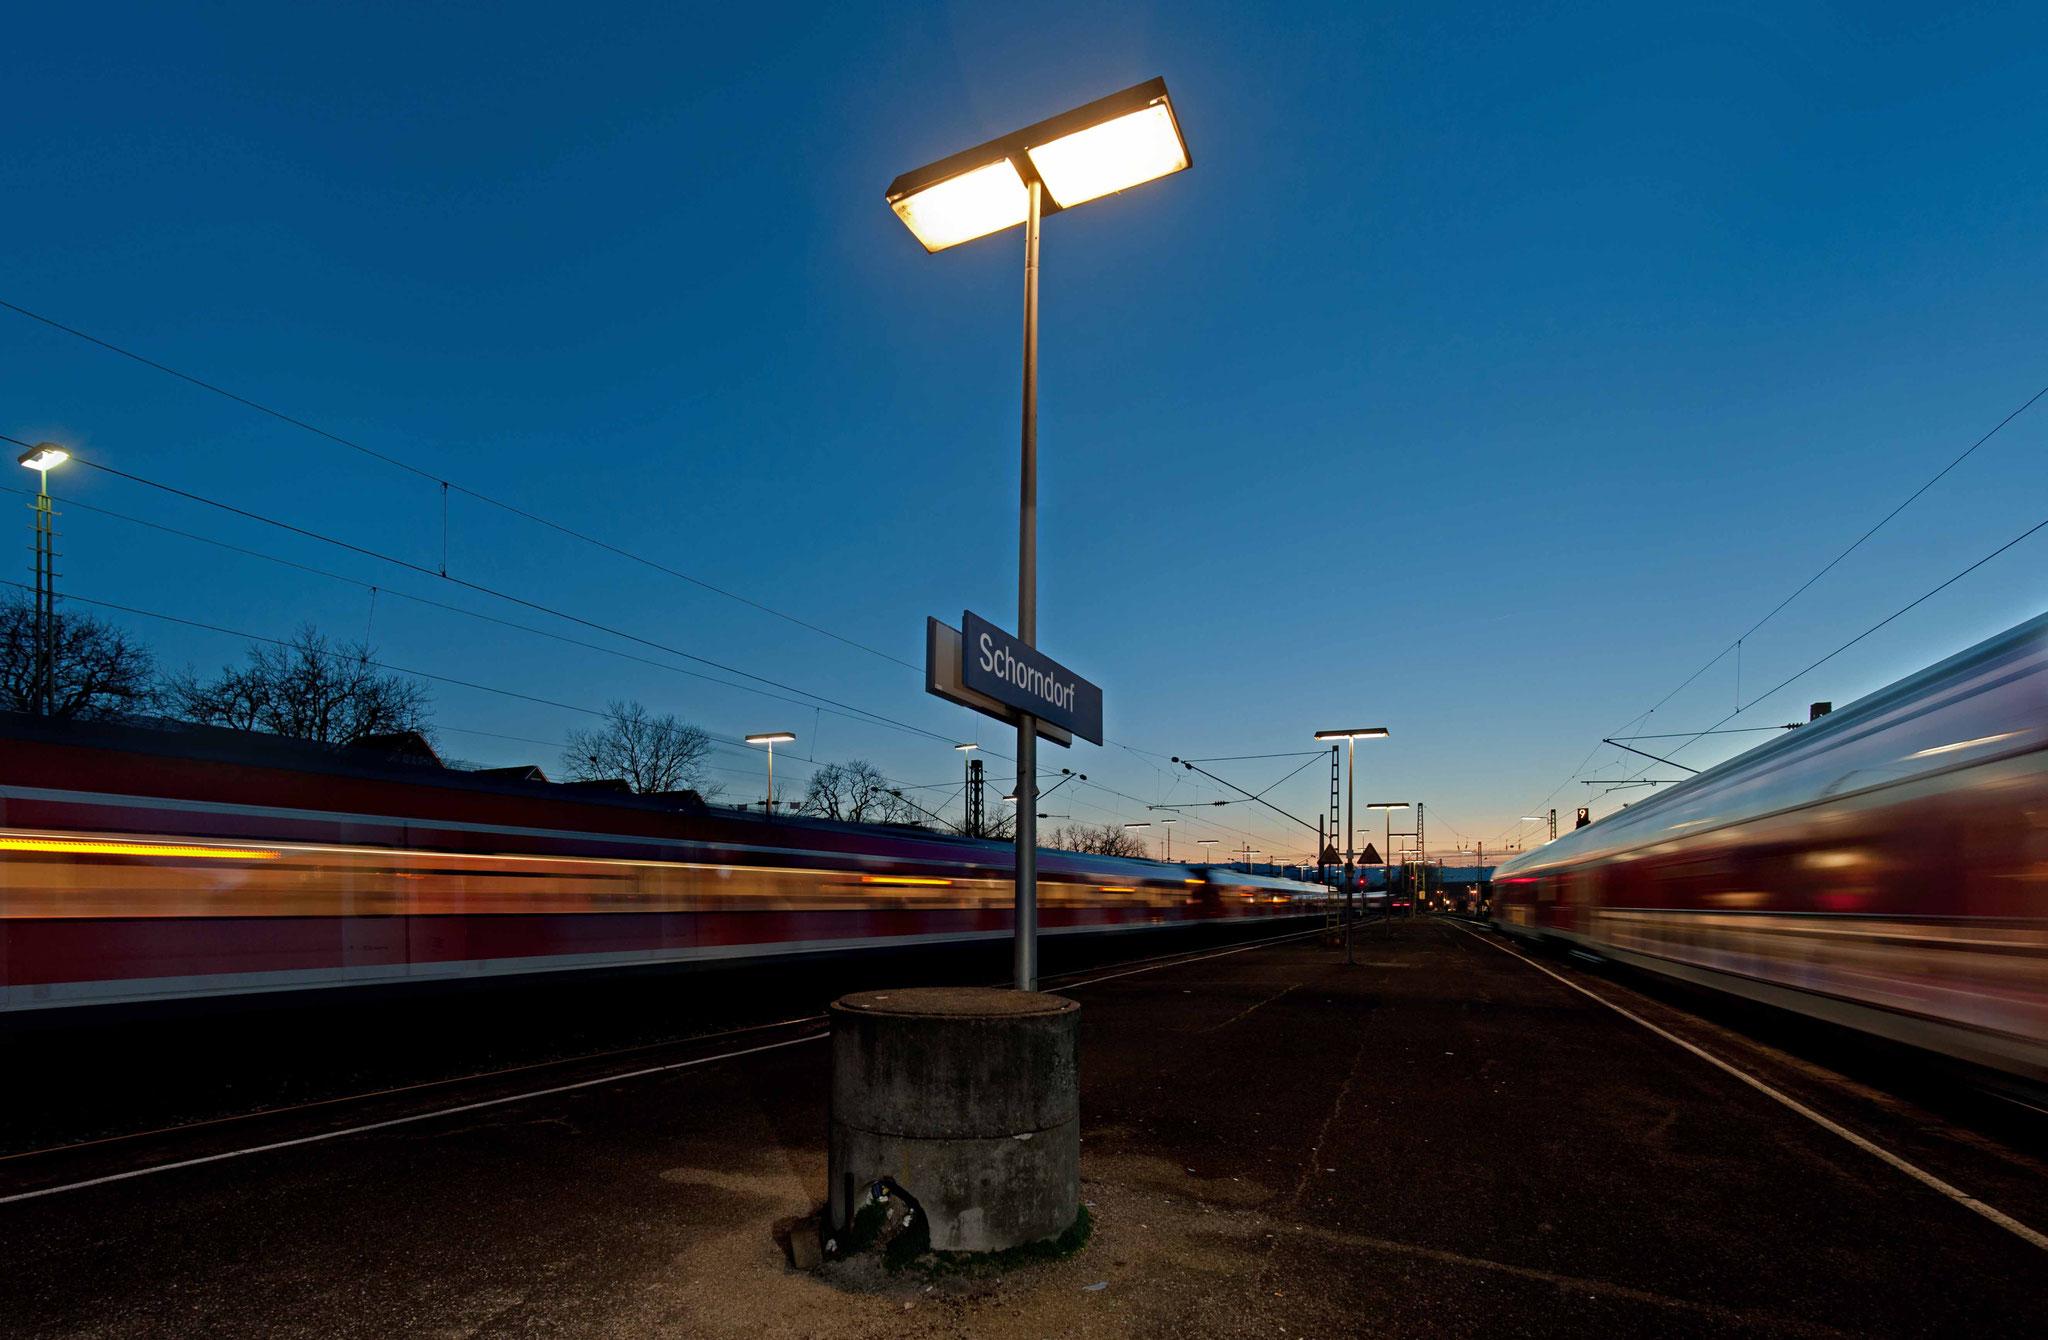 Bahnhof Schorndorf